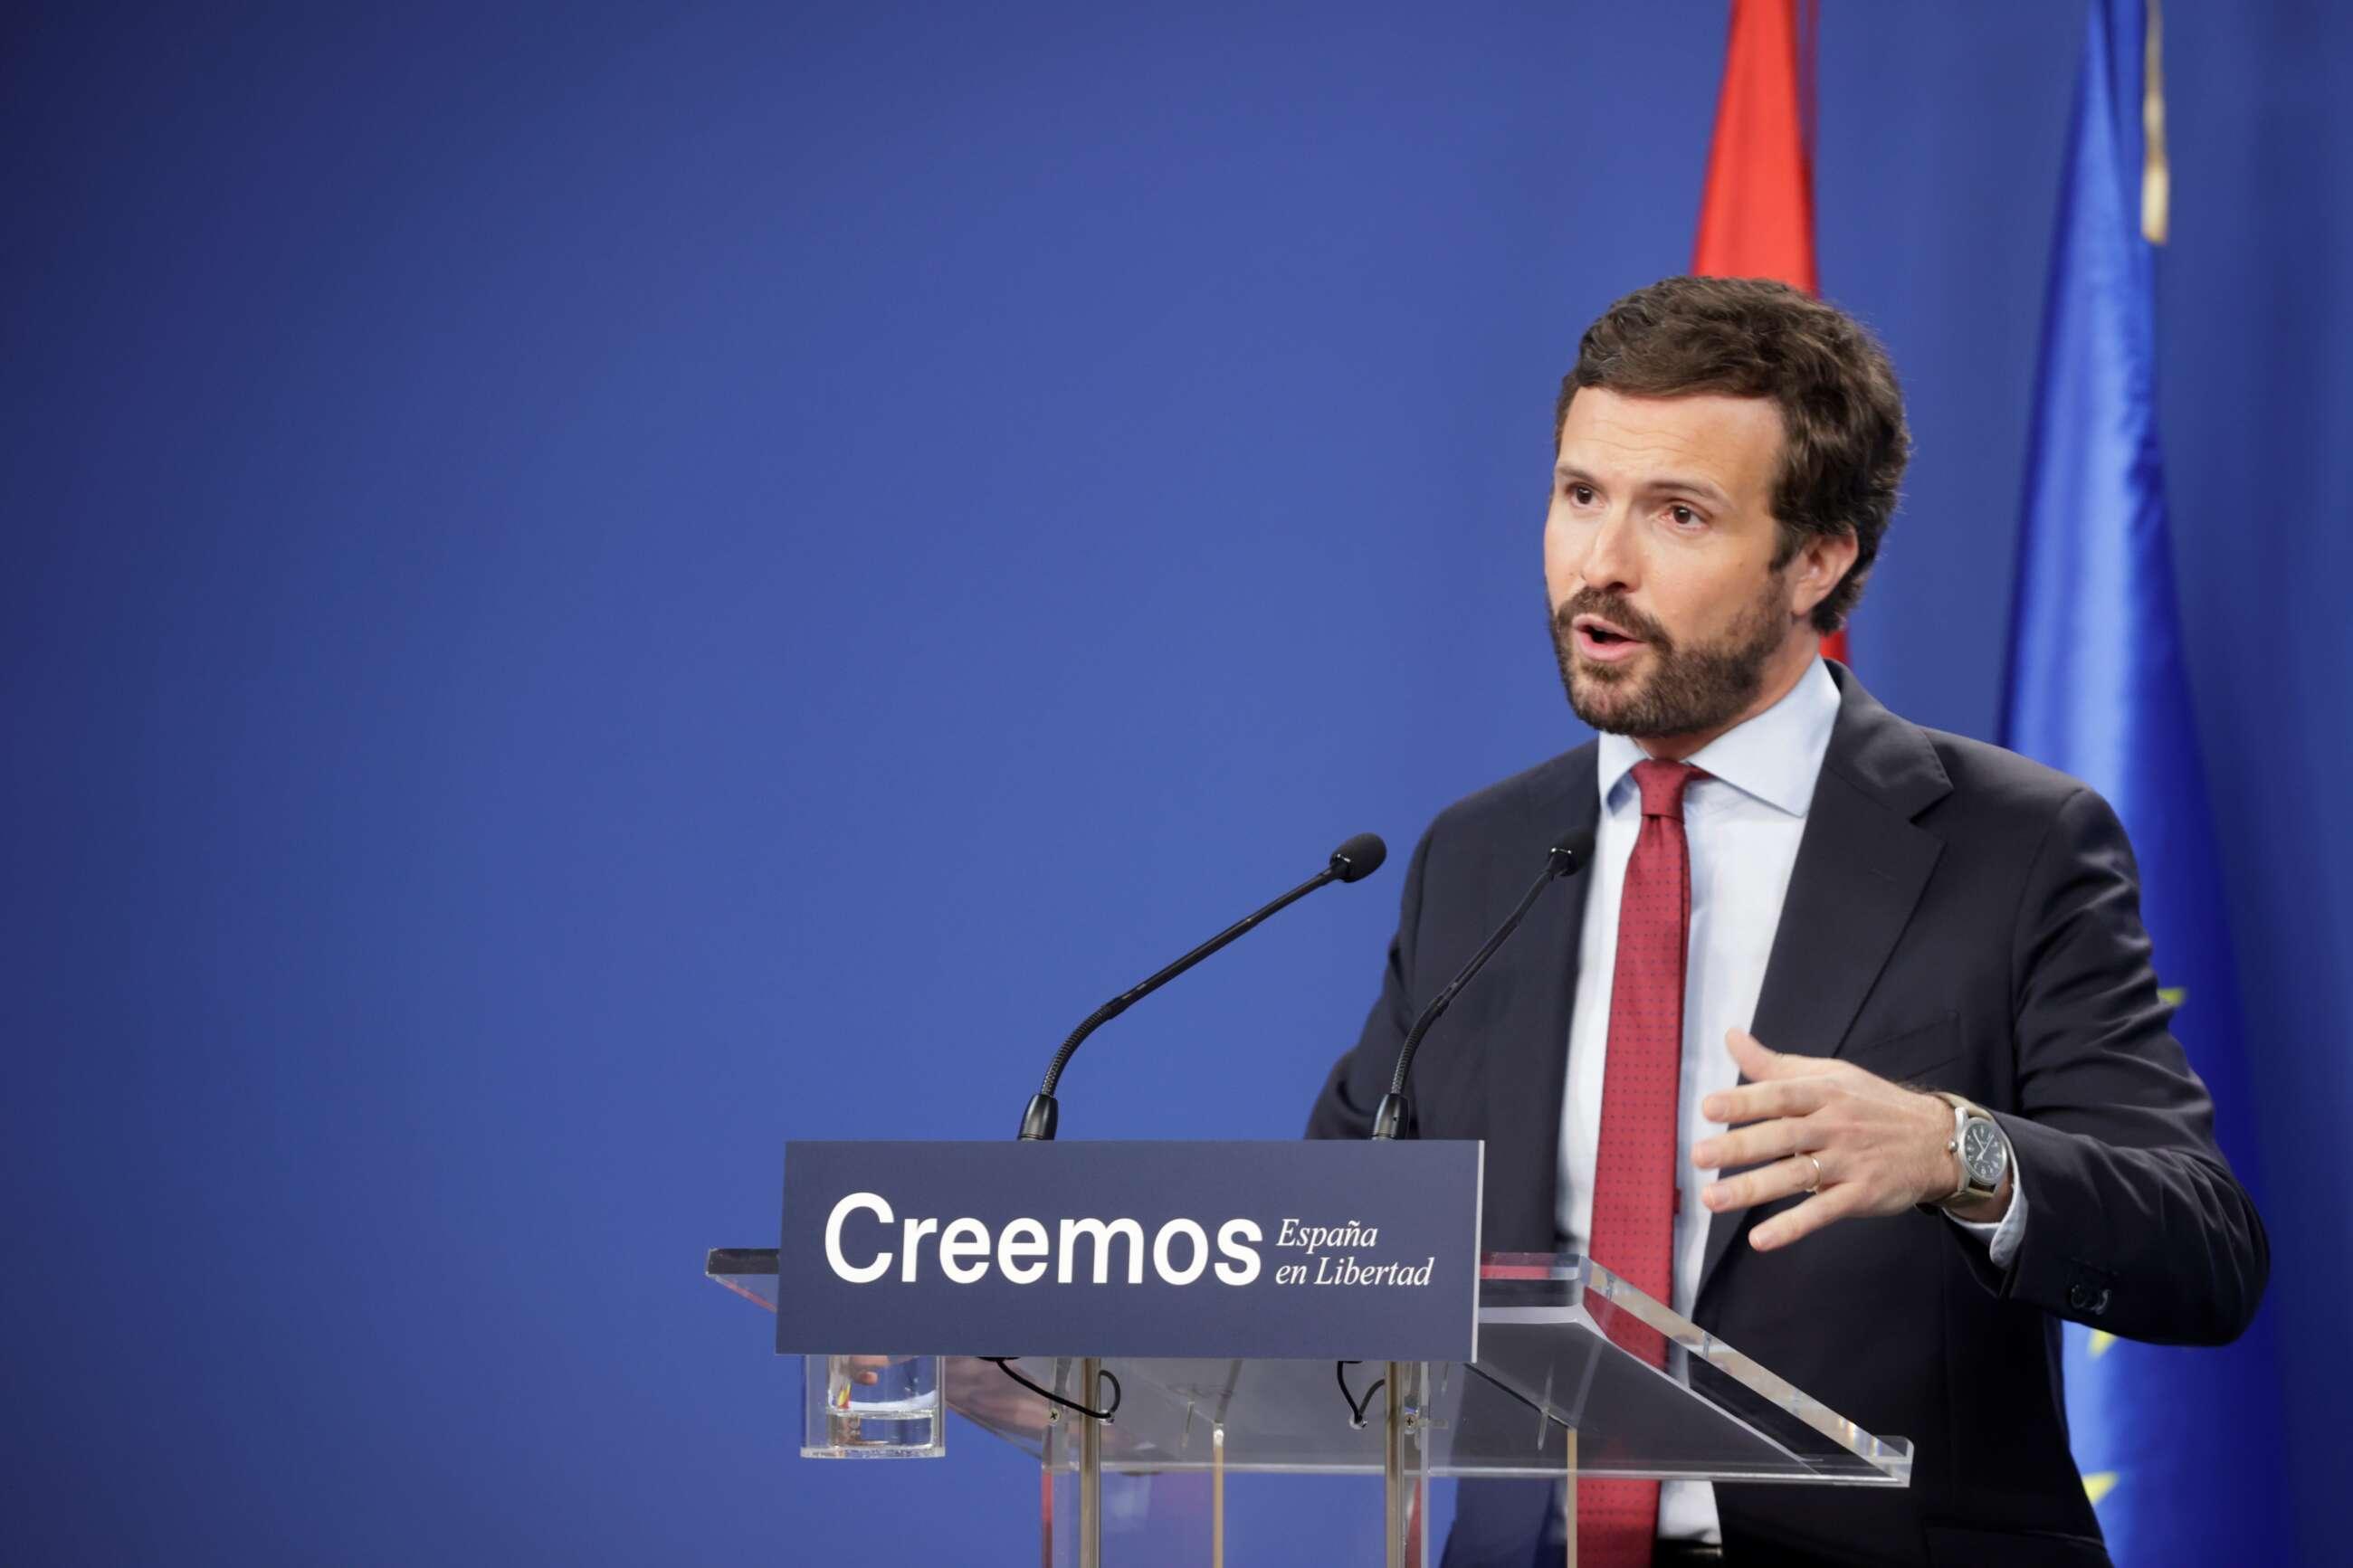 El presidente del Partido Popular, Pablo Casado, hace balance del curso político en la sede de la formación, en Madrid. EFE/ Zipi